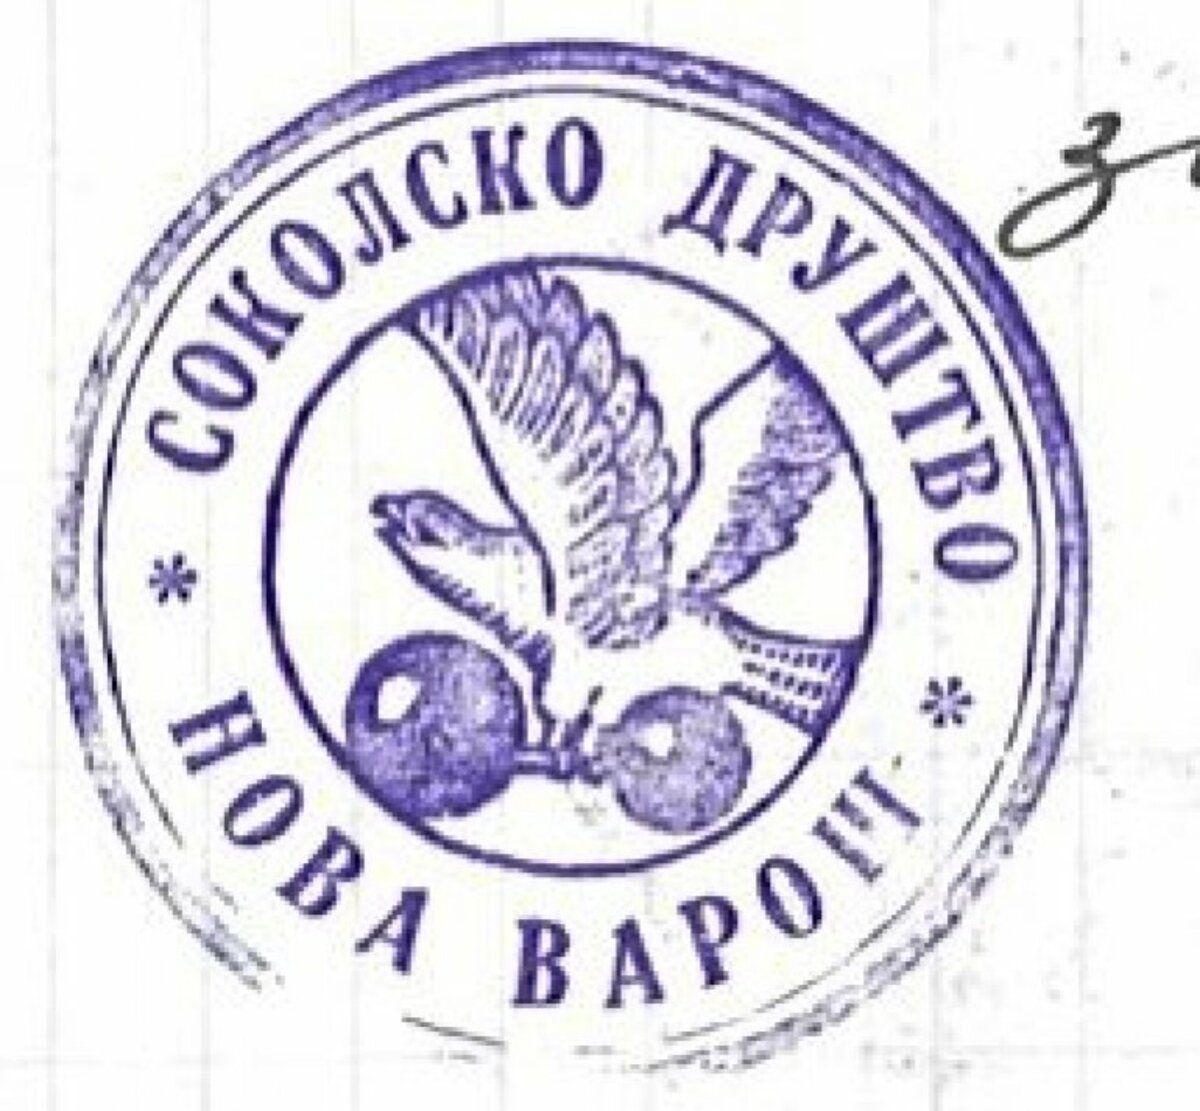 Печат друштва (Фото: Приватна архива)